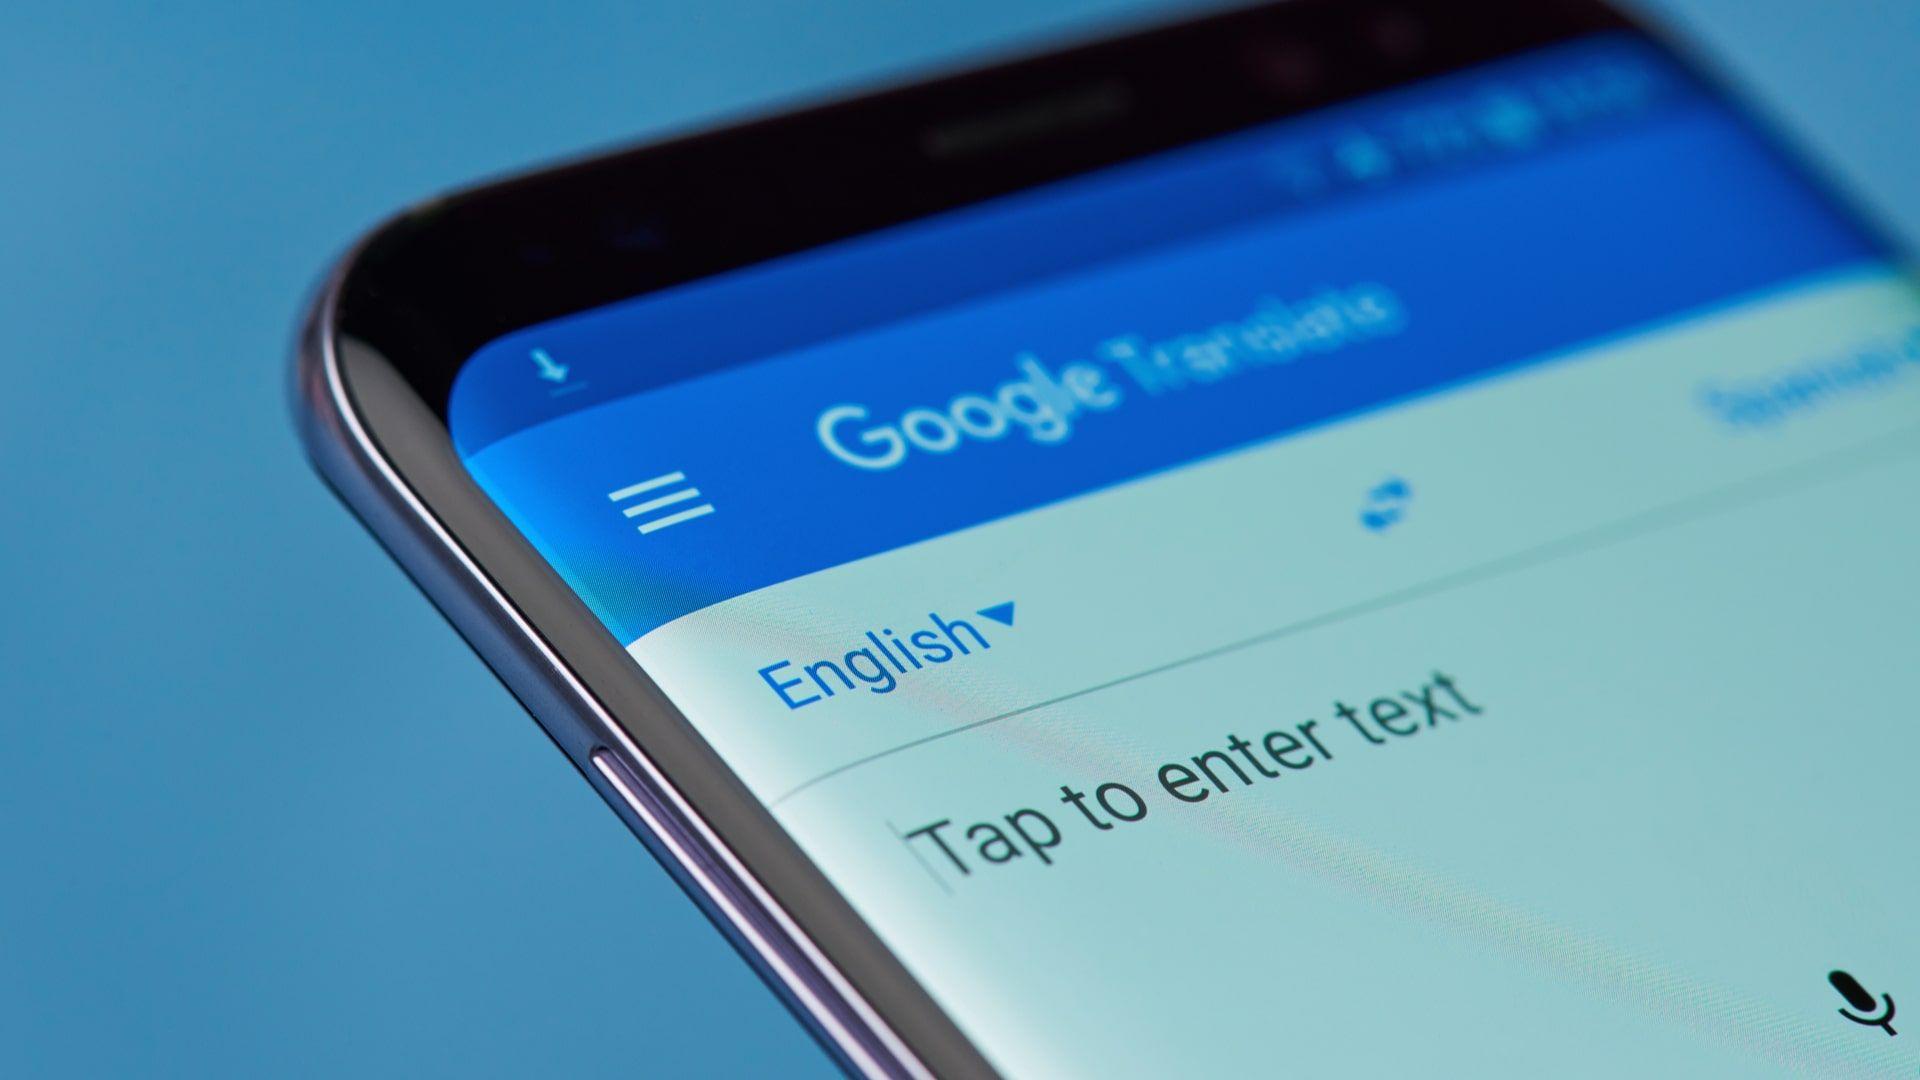 Google Tradutor permite traduzir documentos e sites (Foto: Shutterstock)